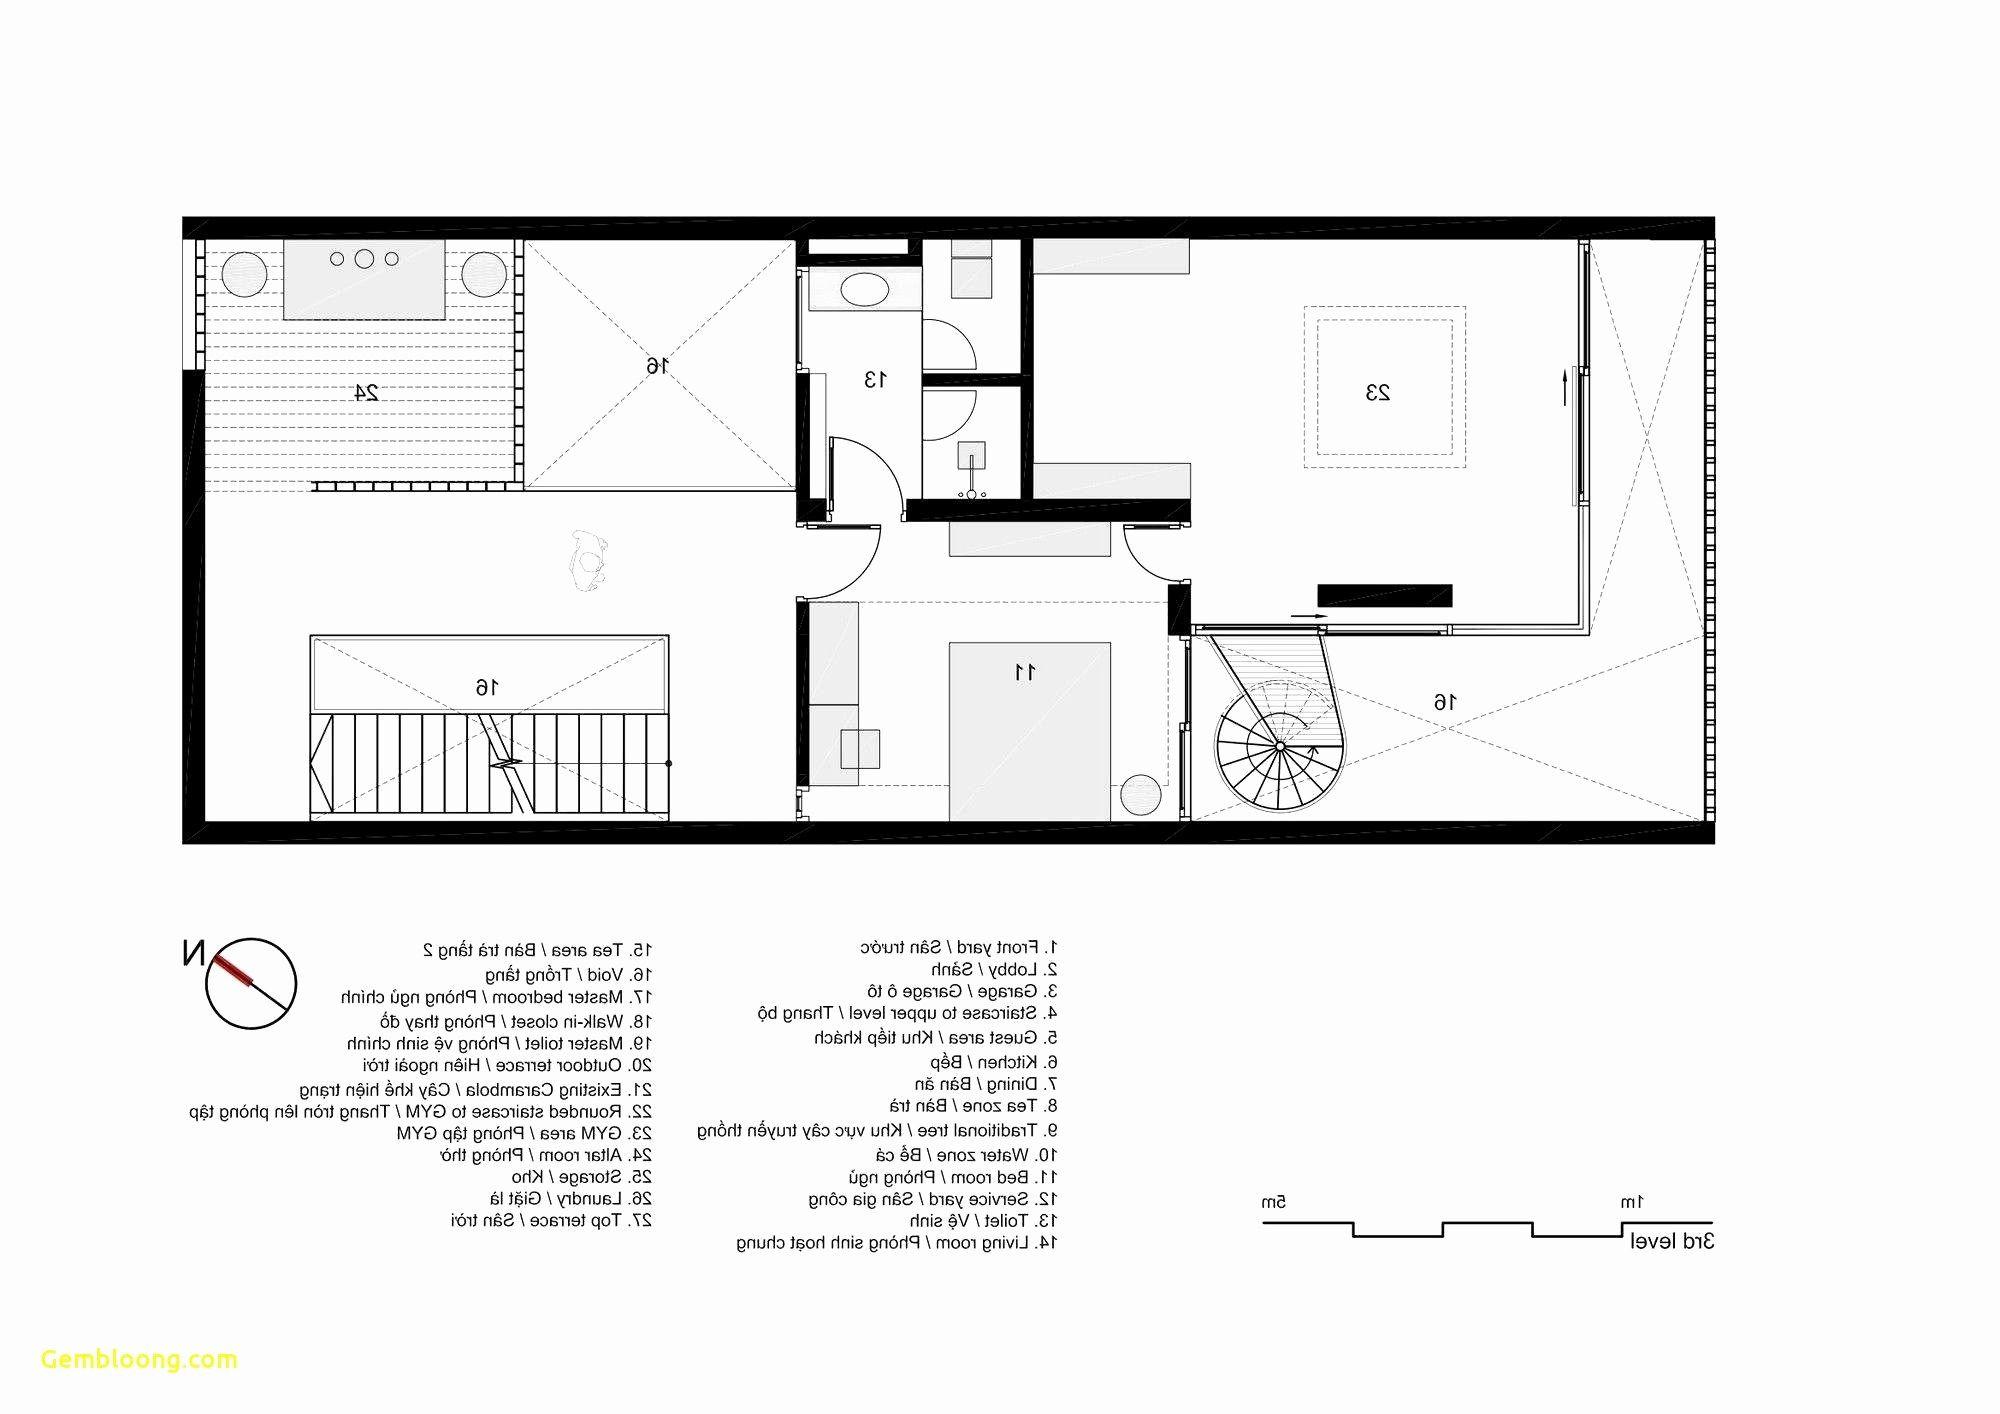 Logiciel Pour Faire Des Plans De Maison En 3d Gratuit - 36 Logiciel Pour Faire Des Plans De ...